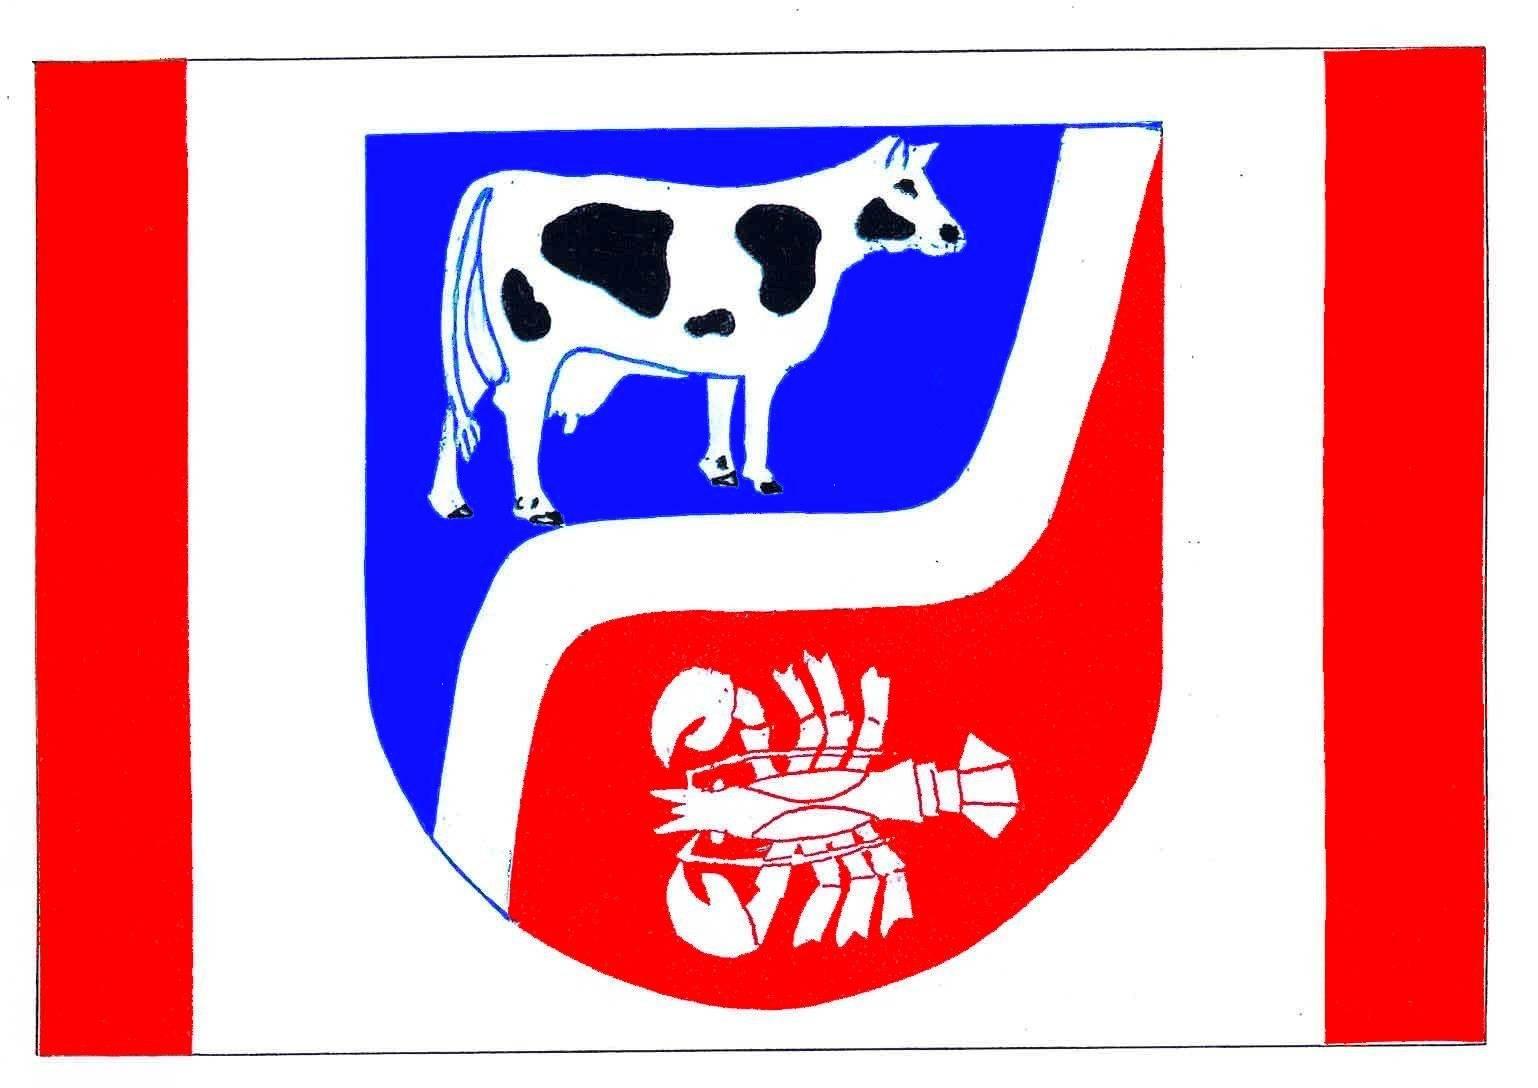 Flagge GemeindeFitzen, Kreis Herzogtum Lauenburg